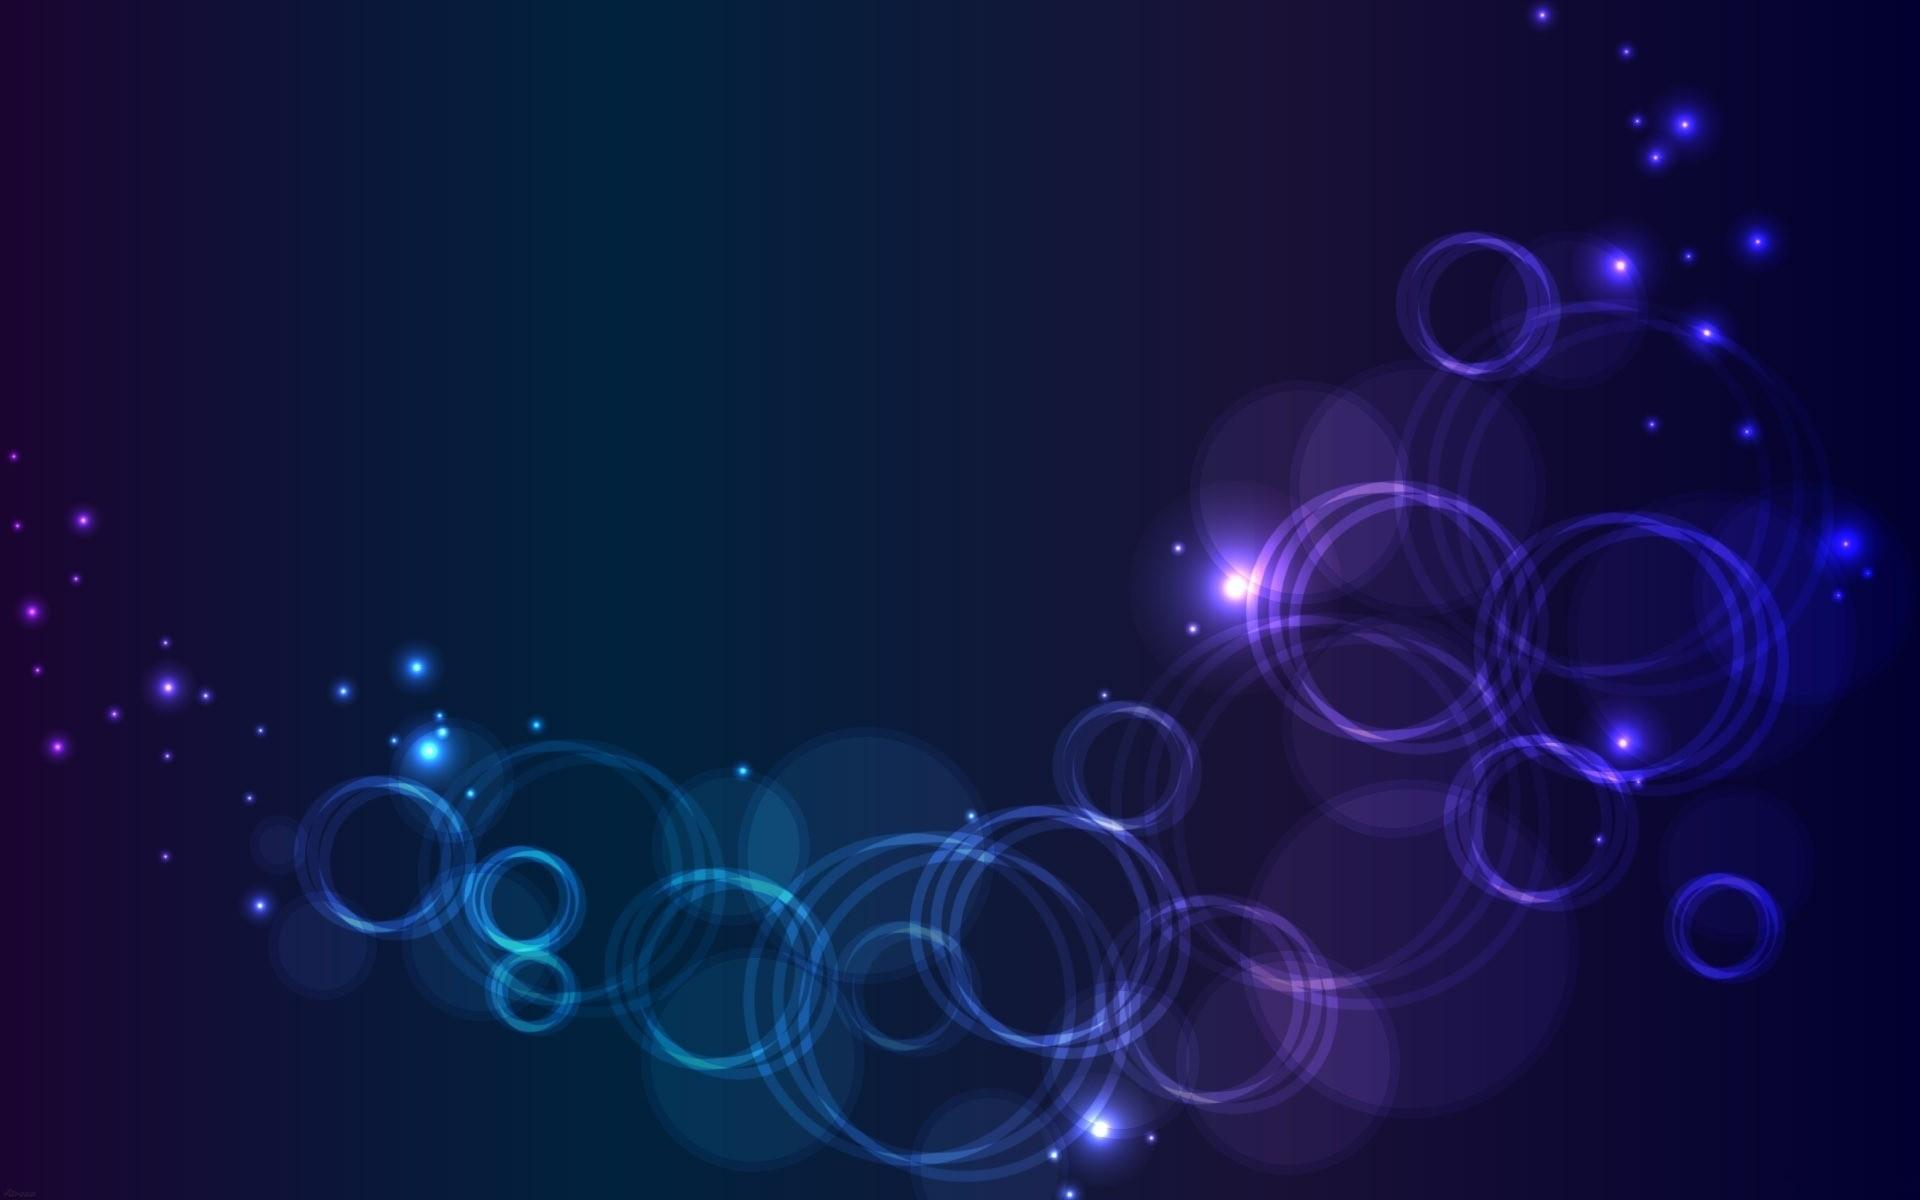 Glowing Bubbles Wallpaper